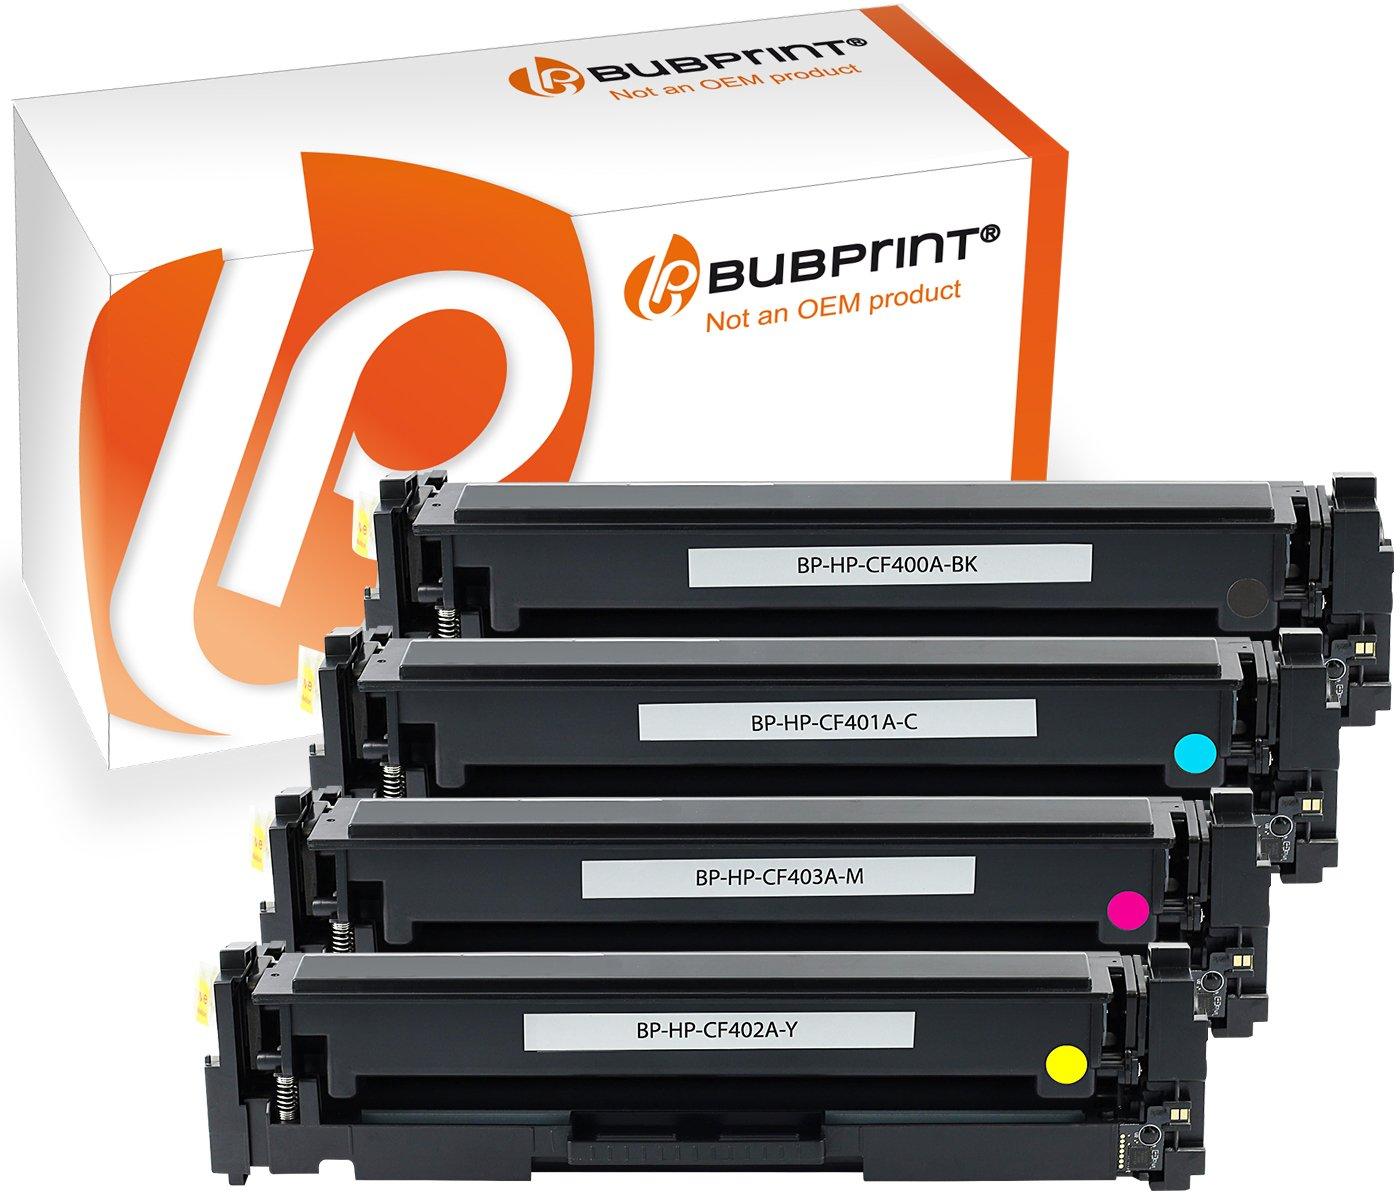 4 Tóner compatible para HP cf400 a - cf403 a CF 400 A - CF 403 A ...